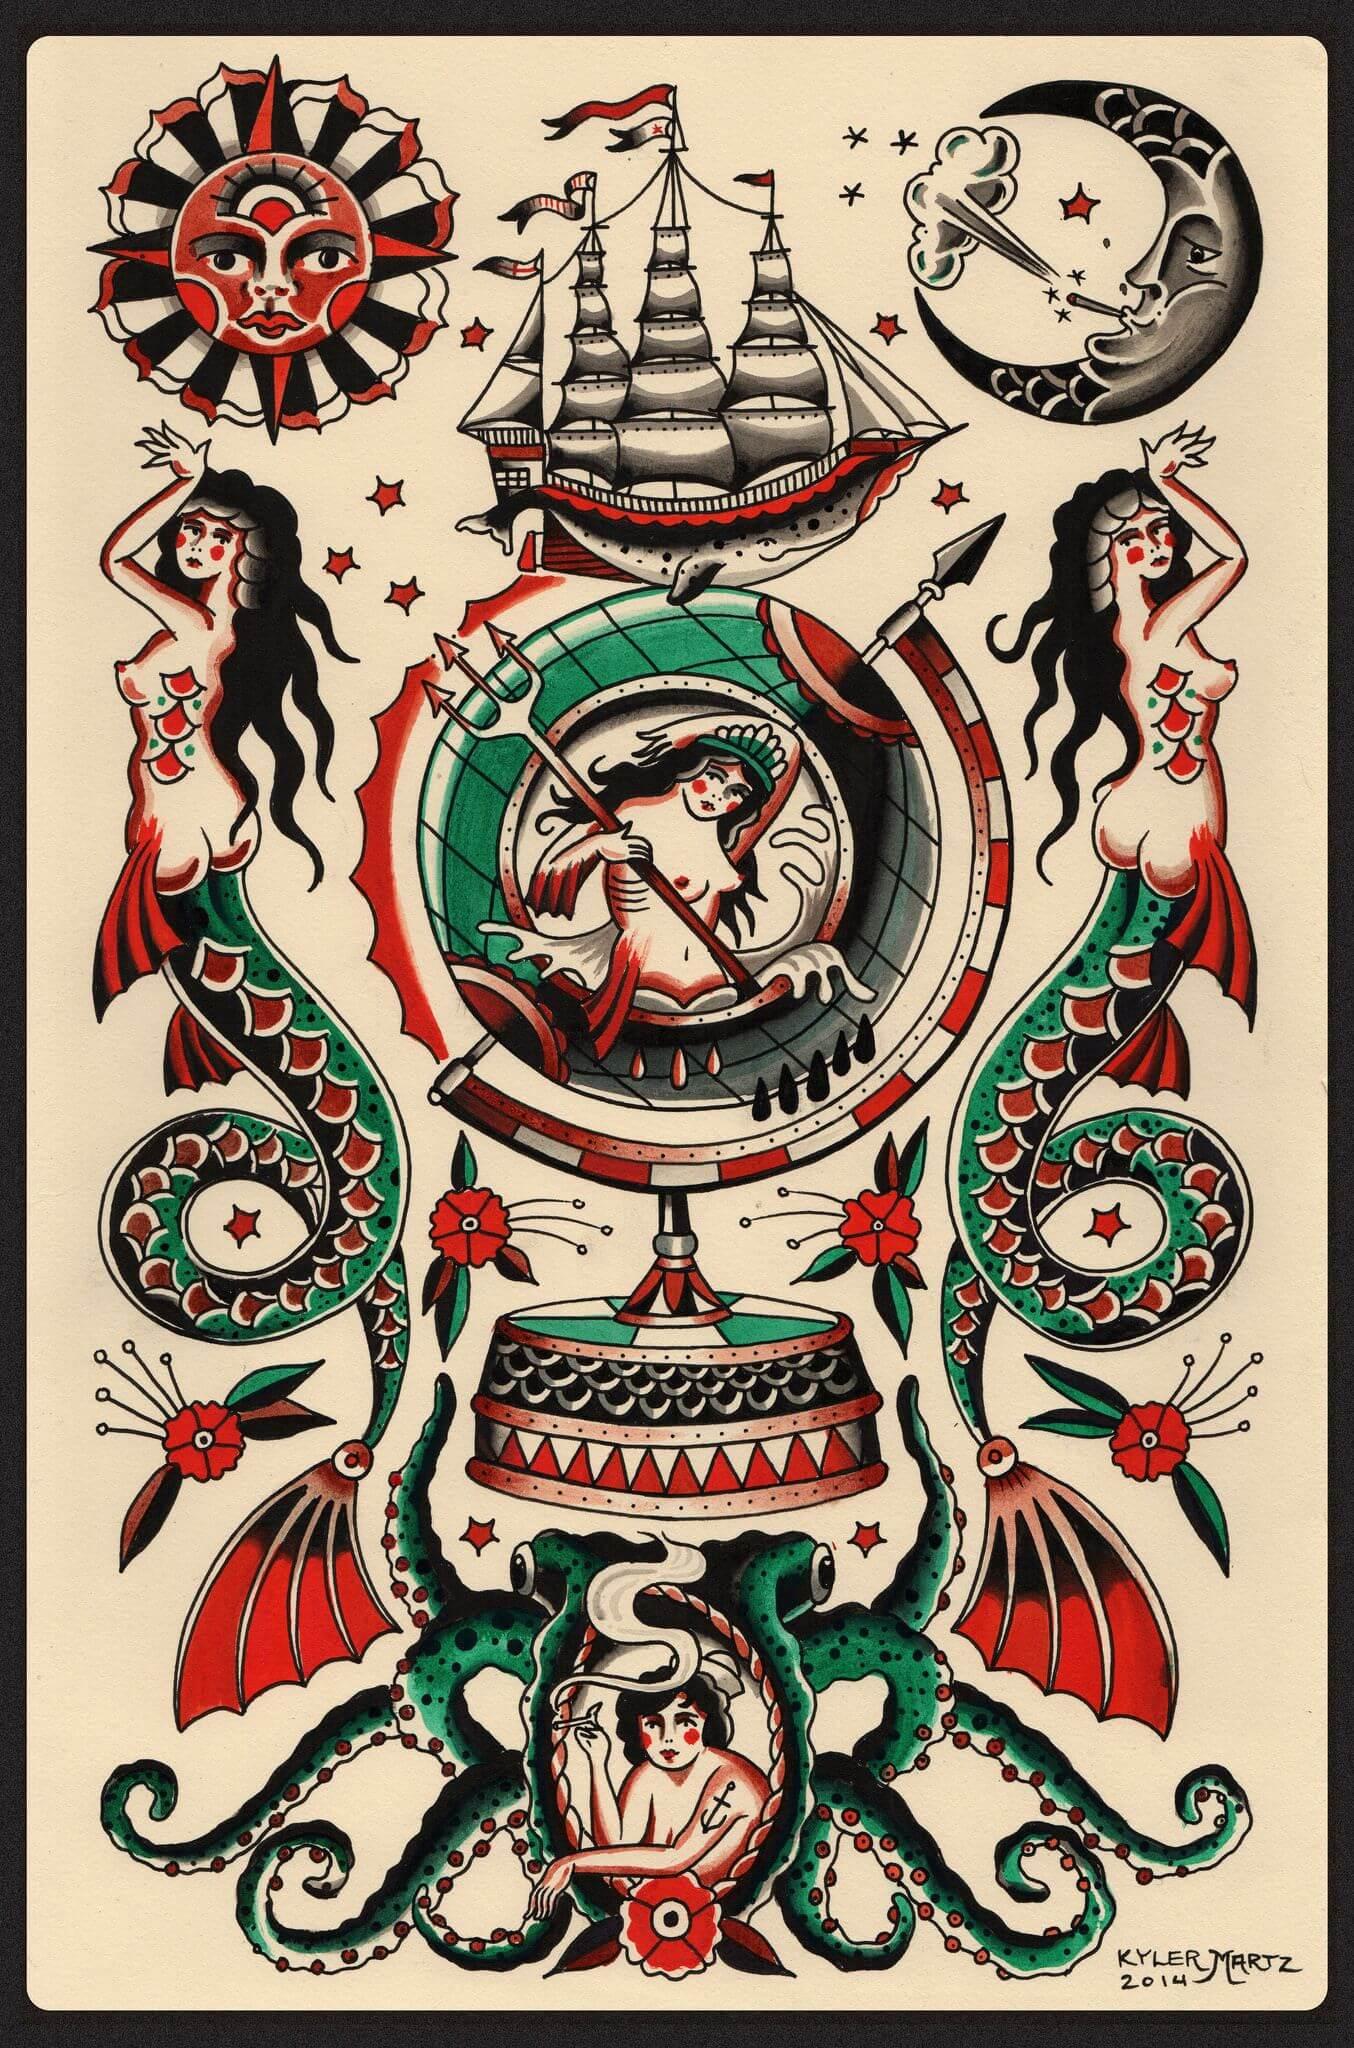 tattoo kyler martz s